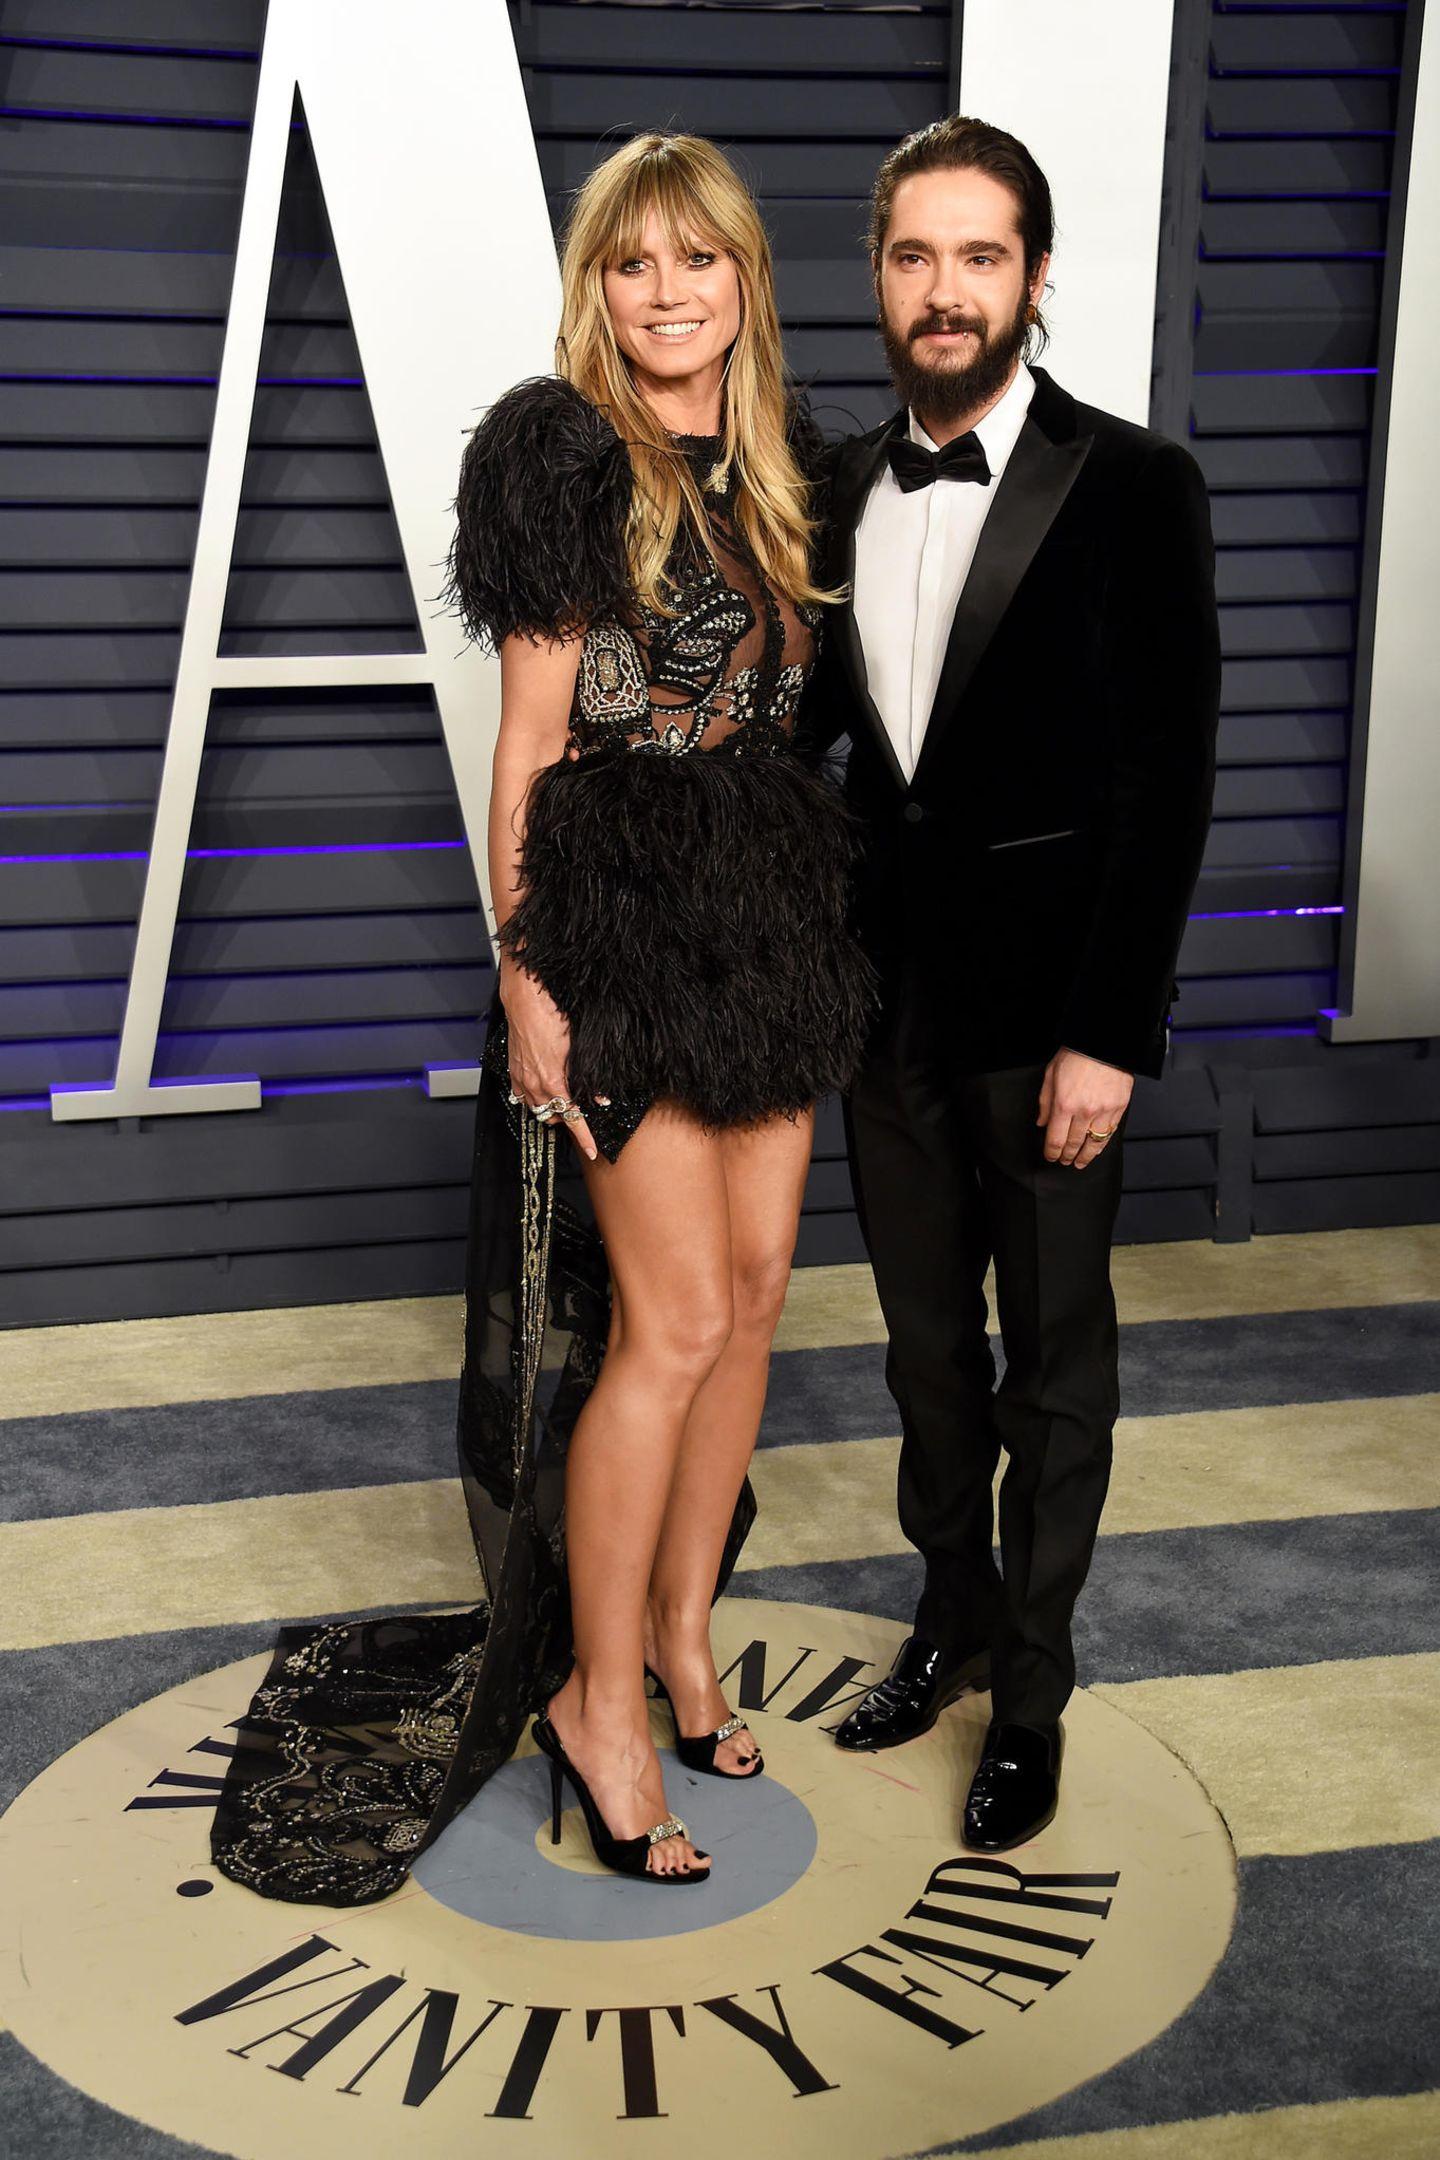 Auch bei der Vanity Fair Oscar Party präsentierensich Heidi und Tom bestens gelaunt und lächeln für die Fotografen um die Wette. Heidi hat für den zweiten Red Carpet an diesem Abend eine neue Robe gewählt, am schönsten lässt sie an diesem Abend allerdings ihre Begleitung strahlen.